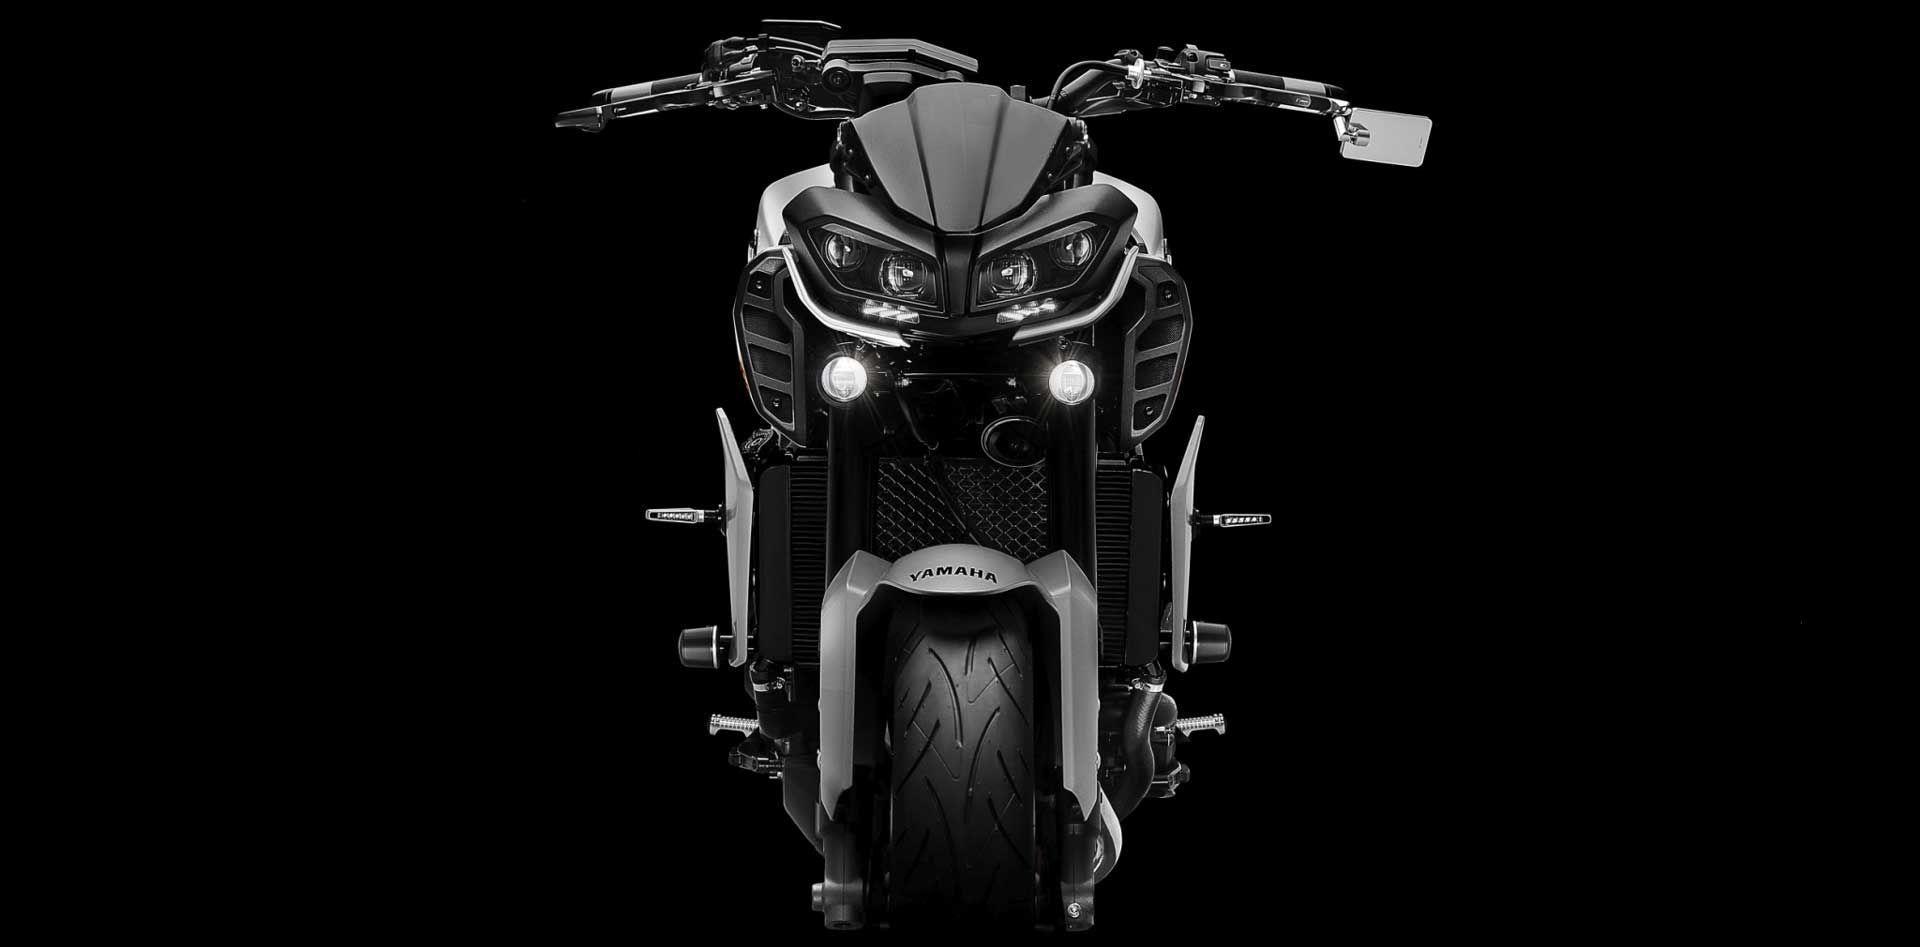 Rizoma veredelt die Yamaha MT-09